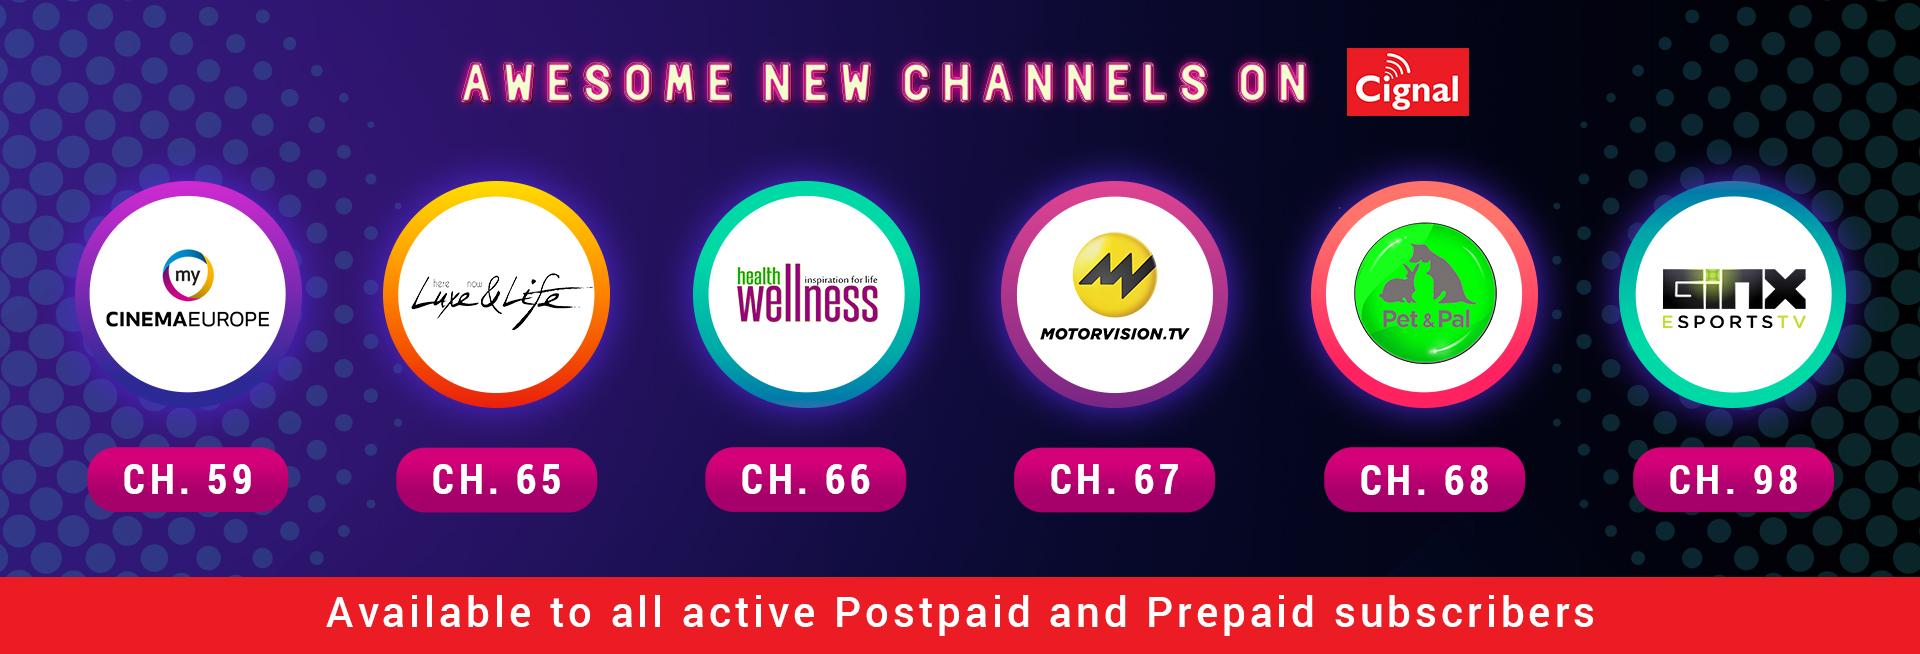 Freesat Channels 2020